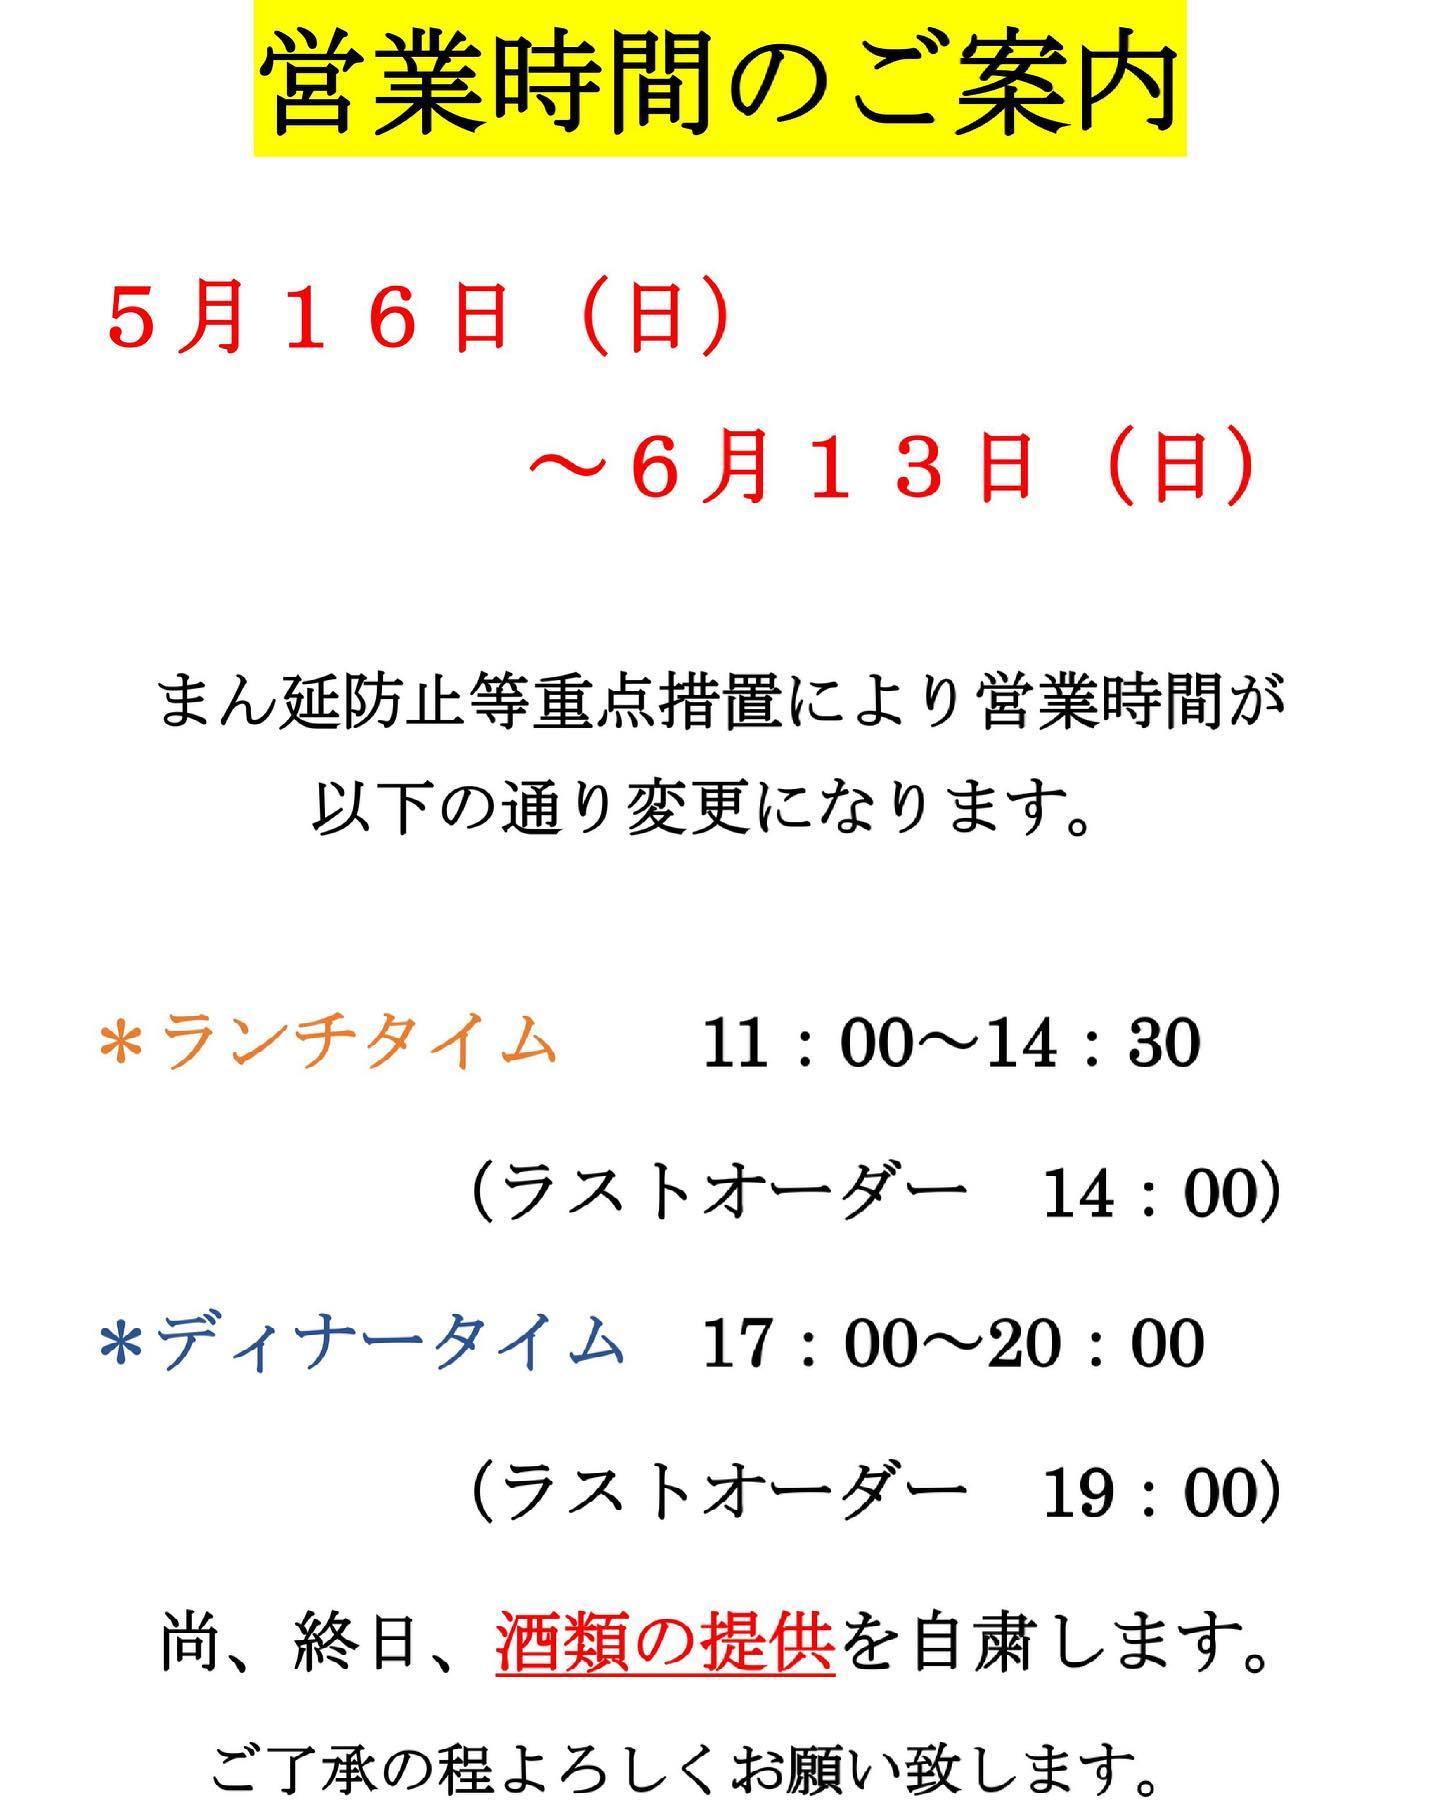 まん延防止等重点措置により、5月16日(日)〜6月13日(日)まで、営業時間が変更になります。 ご了承ください。 ・[昼] 11:00〜14:30(ラストオーダー14:00) ・[夜] 17:00〜20:00(ラストオーダー19:00) 尚、終日酒類の提供を自粛します。 ご協力お願いいたします。  一品もの、お弁当のテイクアウトもしておりますので、なかやの料理をご自宅でお召し上がること可能です。 配達も可能です。 食事券等も使えますのでご利用下さい。 ご連絡、ご来店お待ちしております。  ※HPはインスタプロフィールのURLからご覧下さい